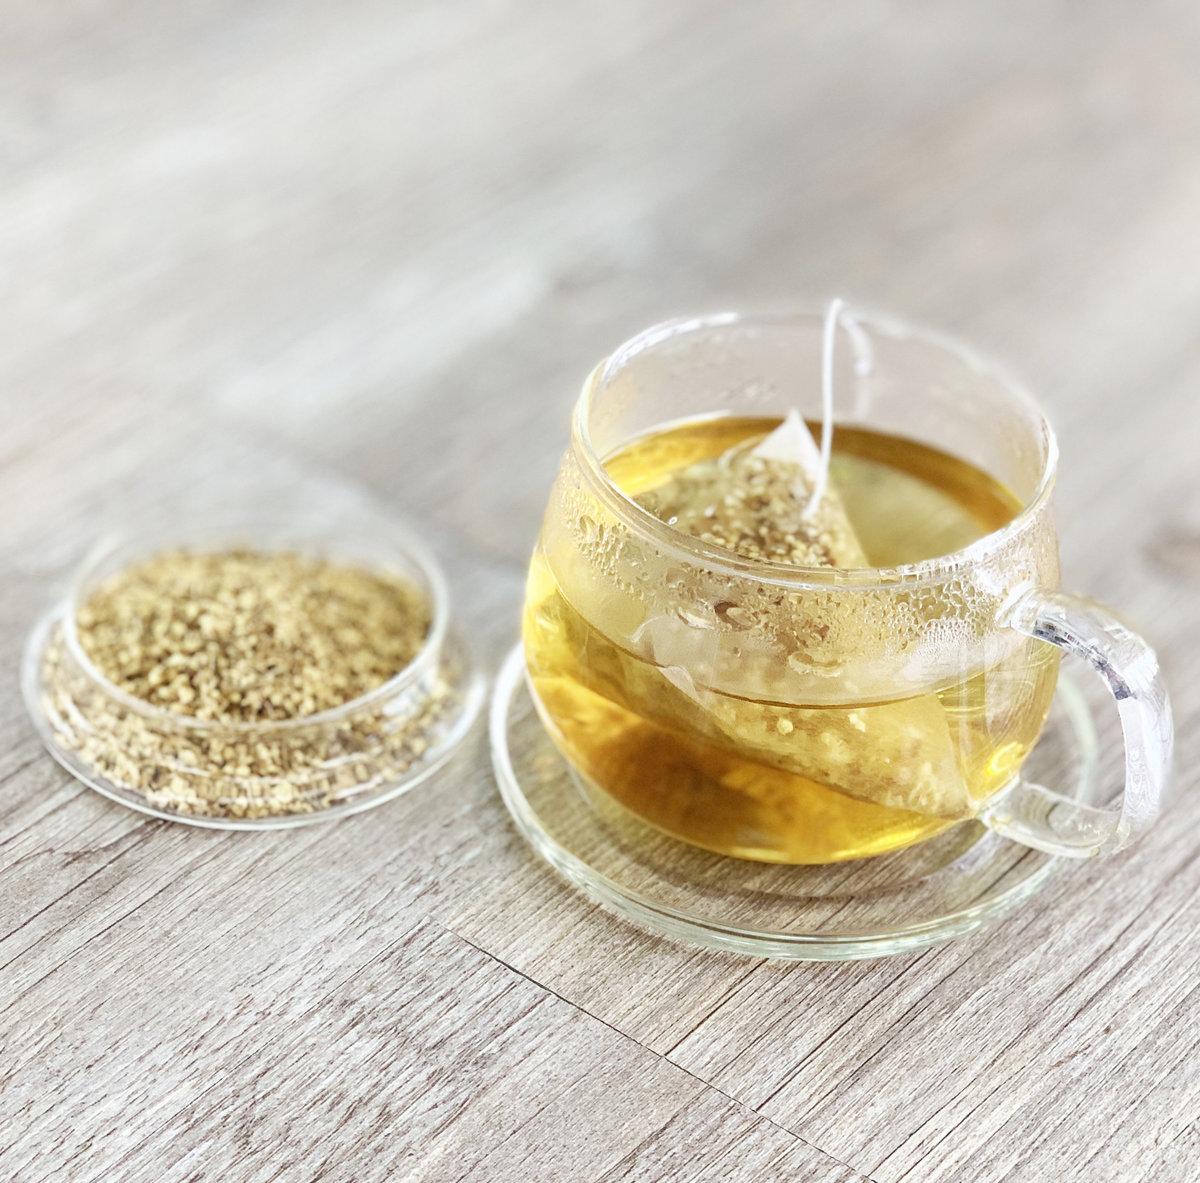 接骨木花茶 Natural Elderflower